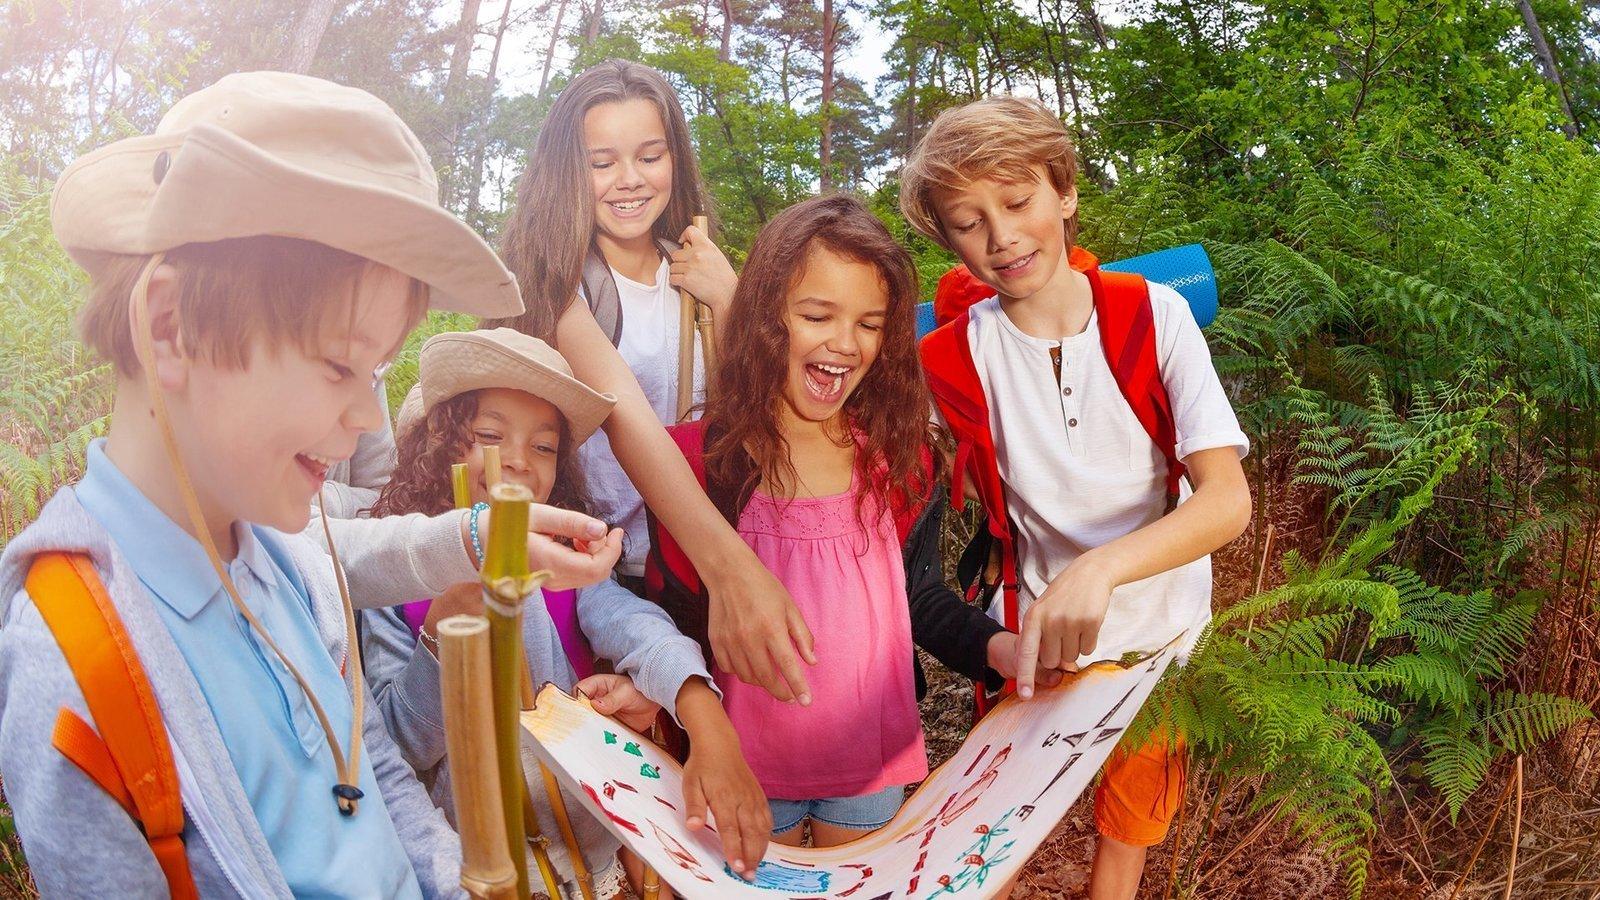 ニセコで夏のアクティビティを楽しむ子供たち